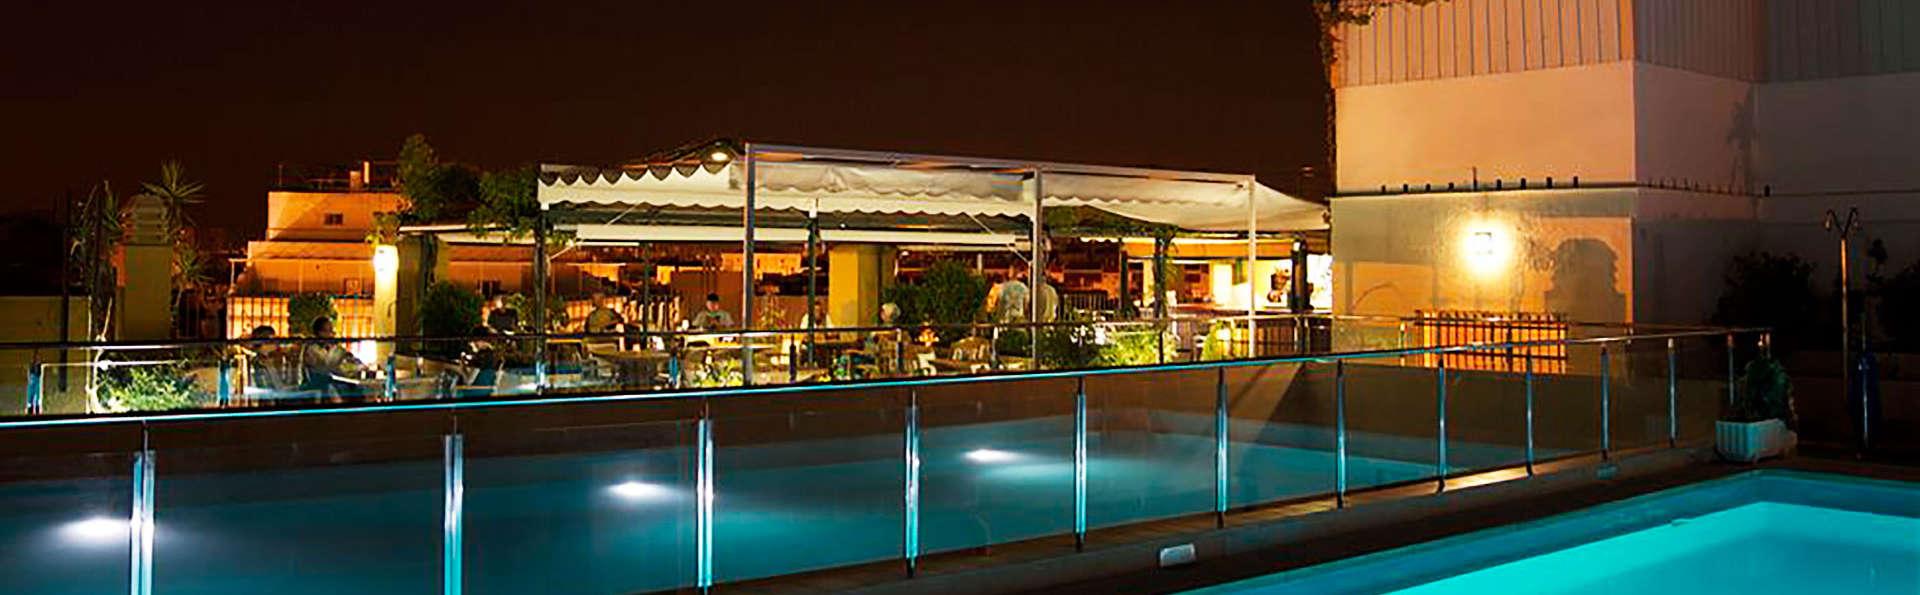 Offre à Séville avec visite guidée en français, mojito, accès à la piscine et vue sur le ville